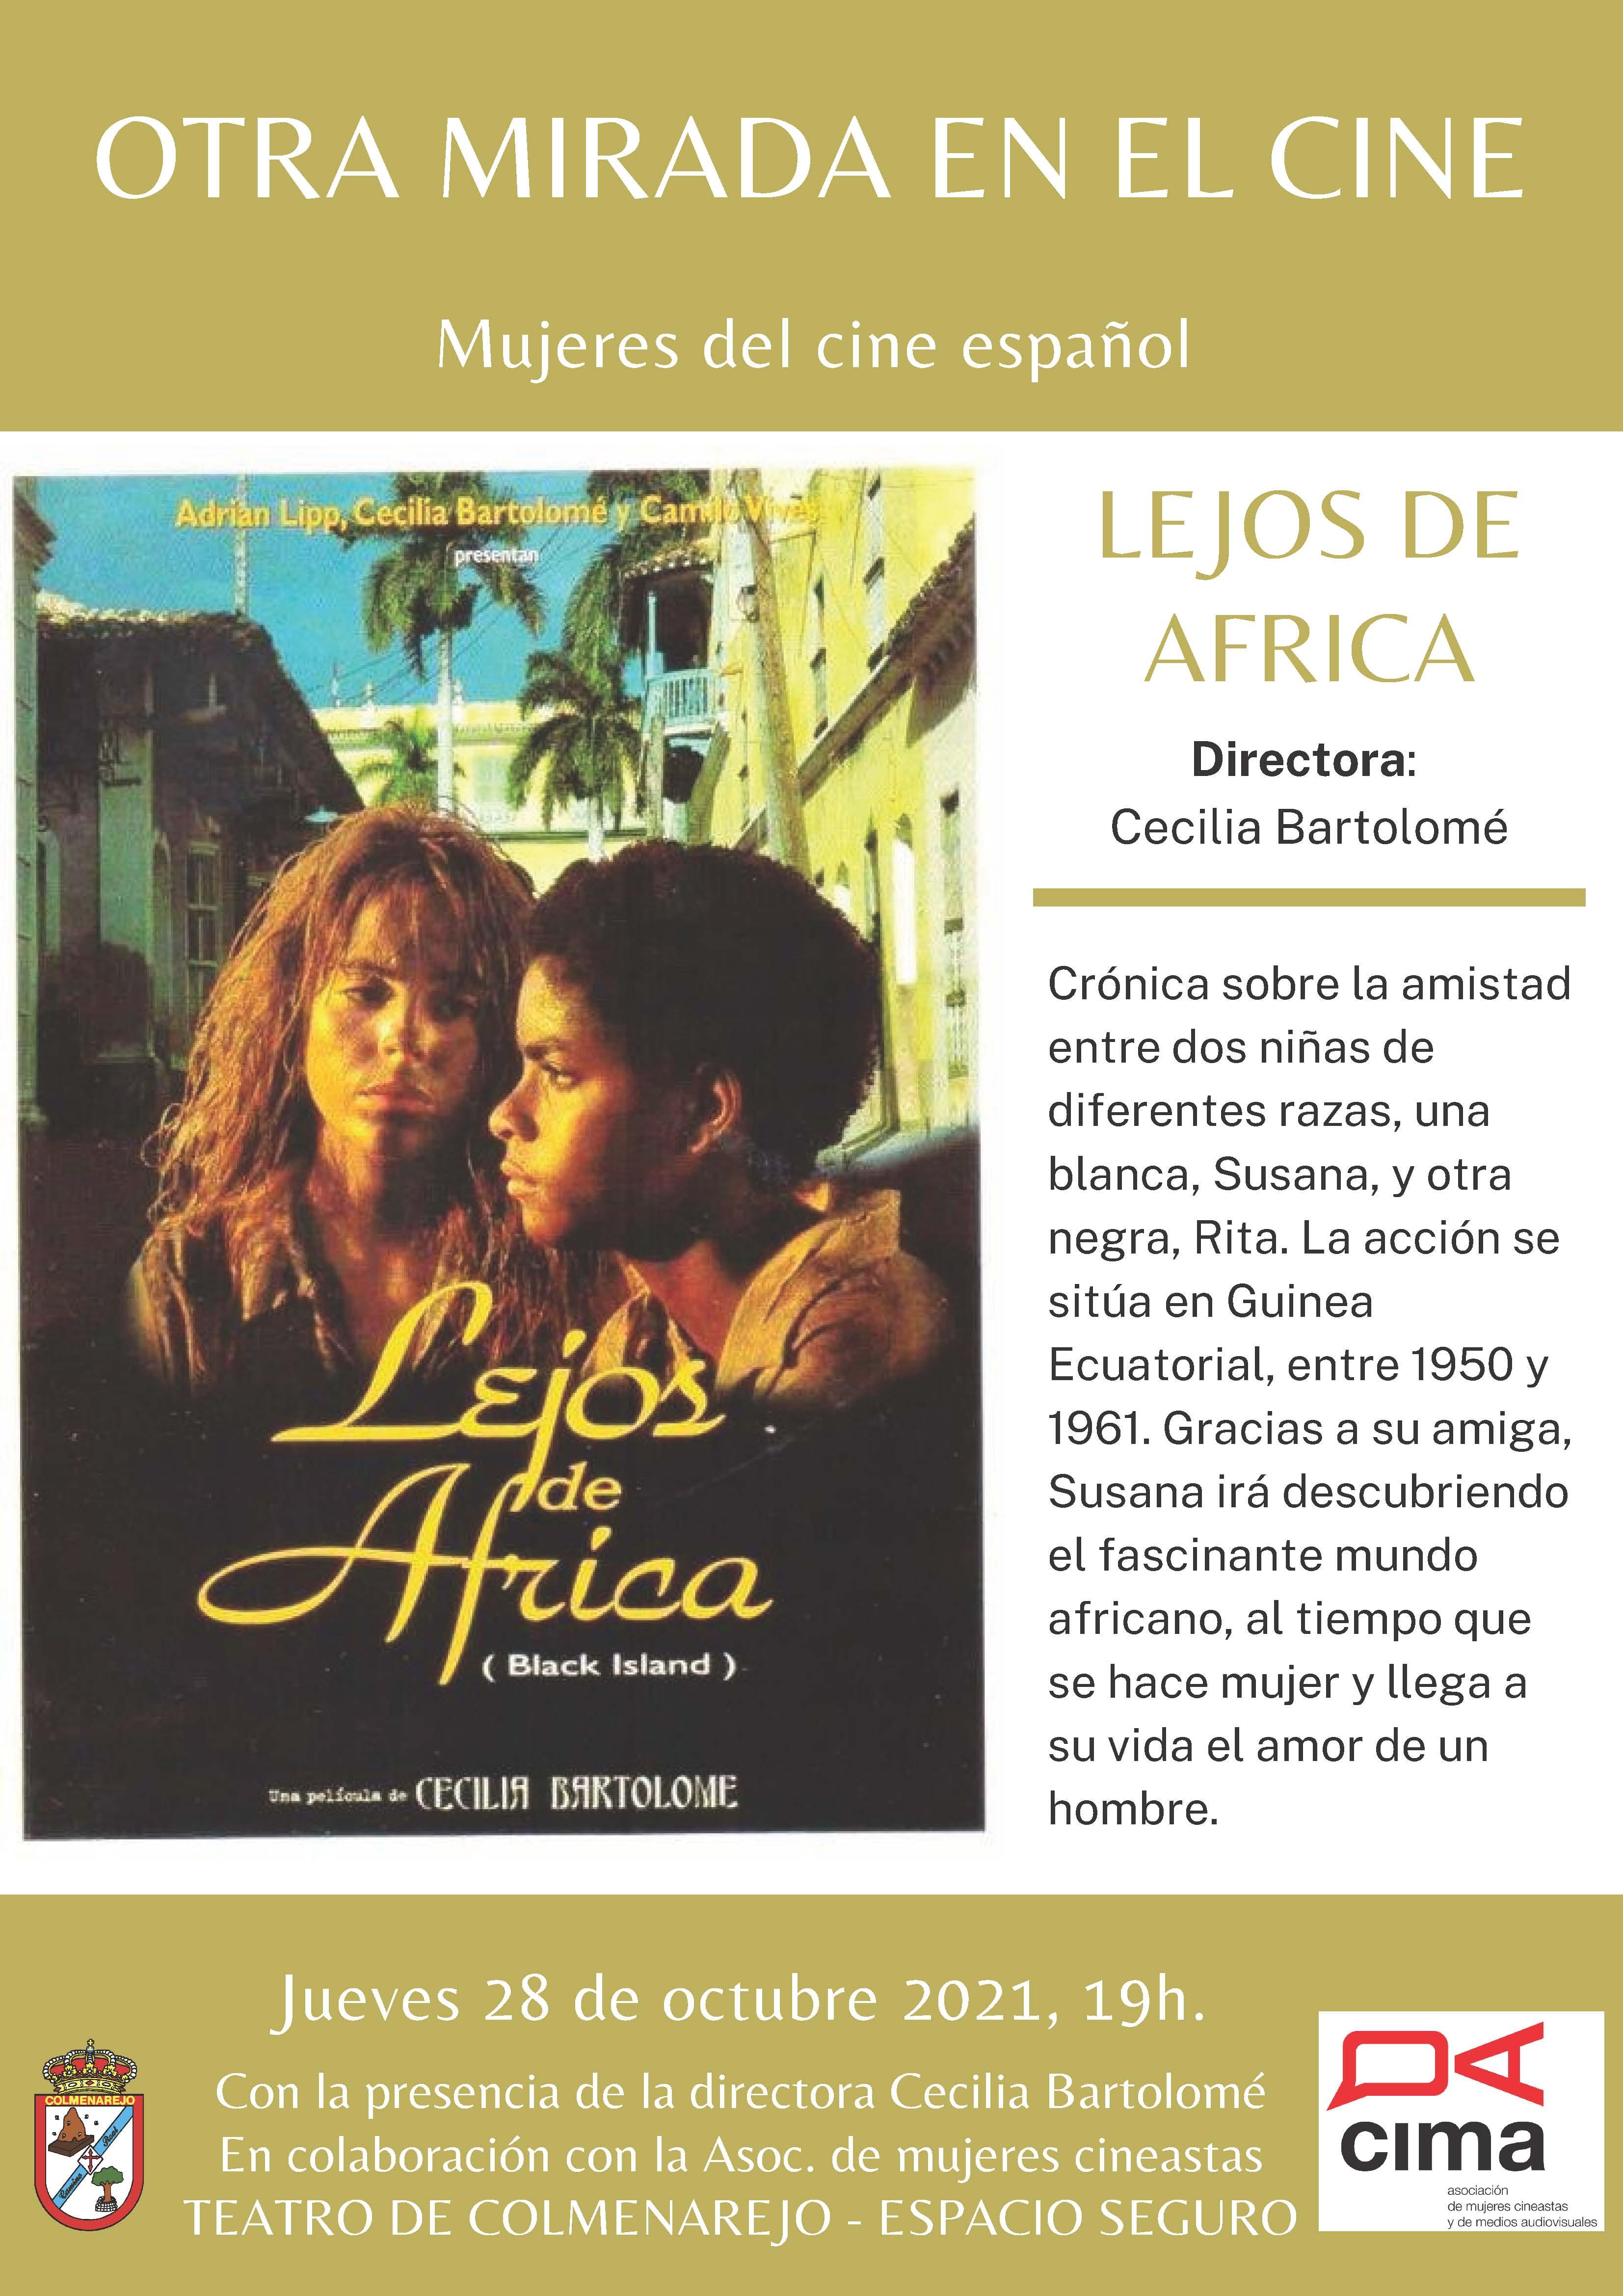 Cine: LEJOS DE ÁFRICA @ Teatro de Colmenarejo